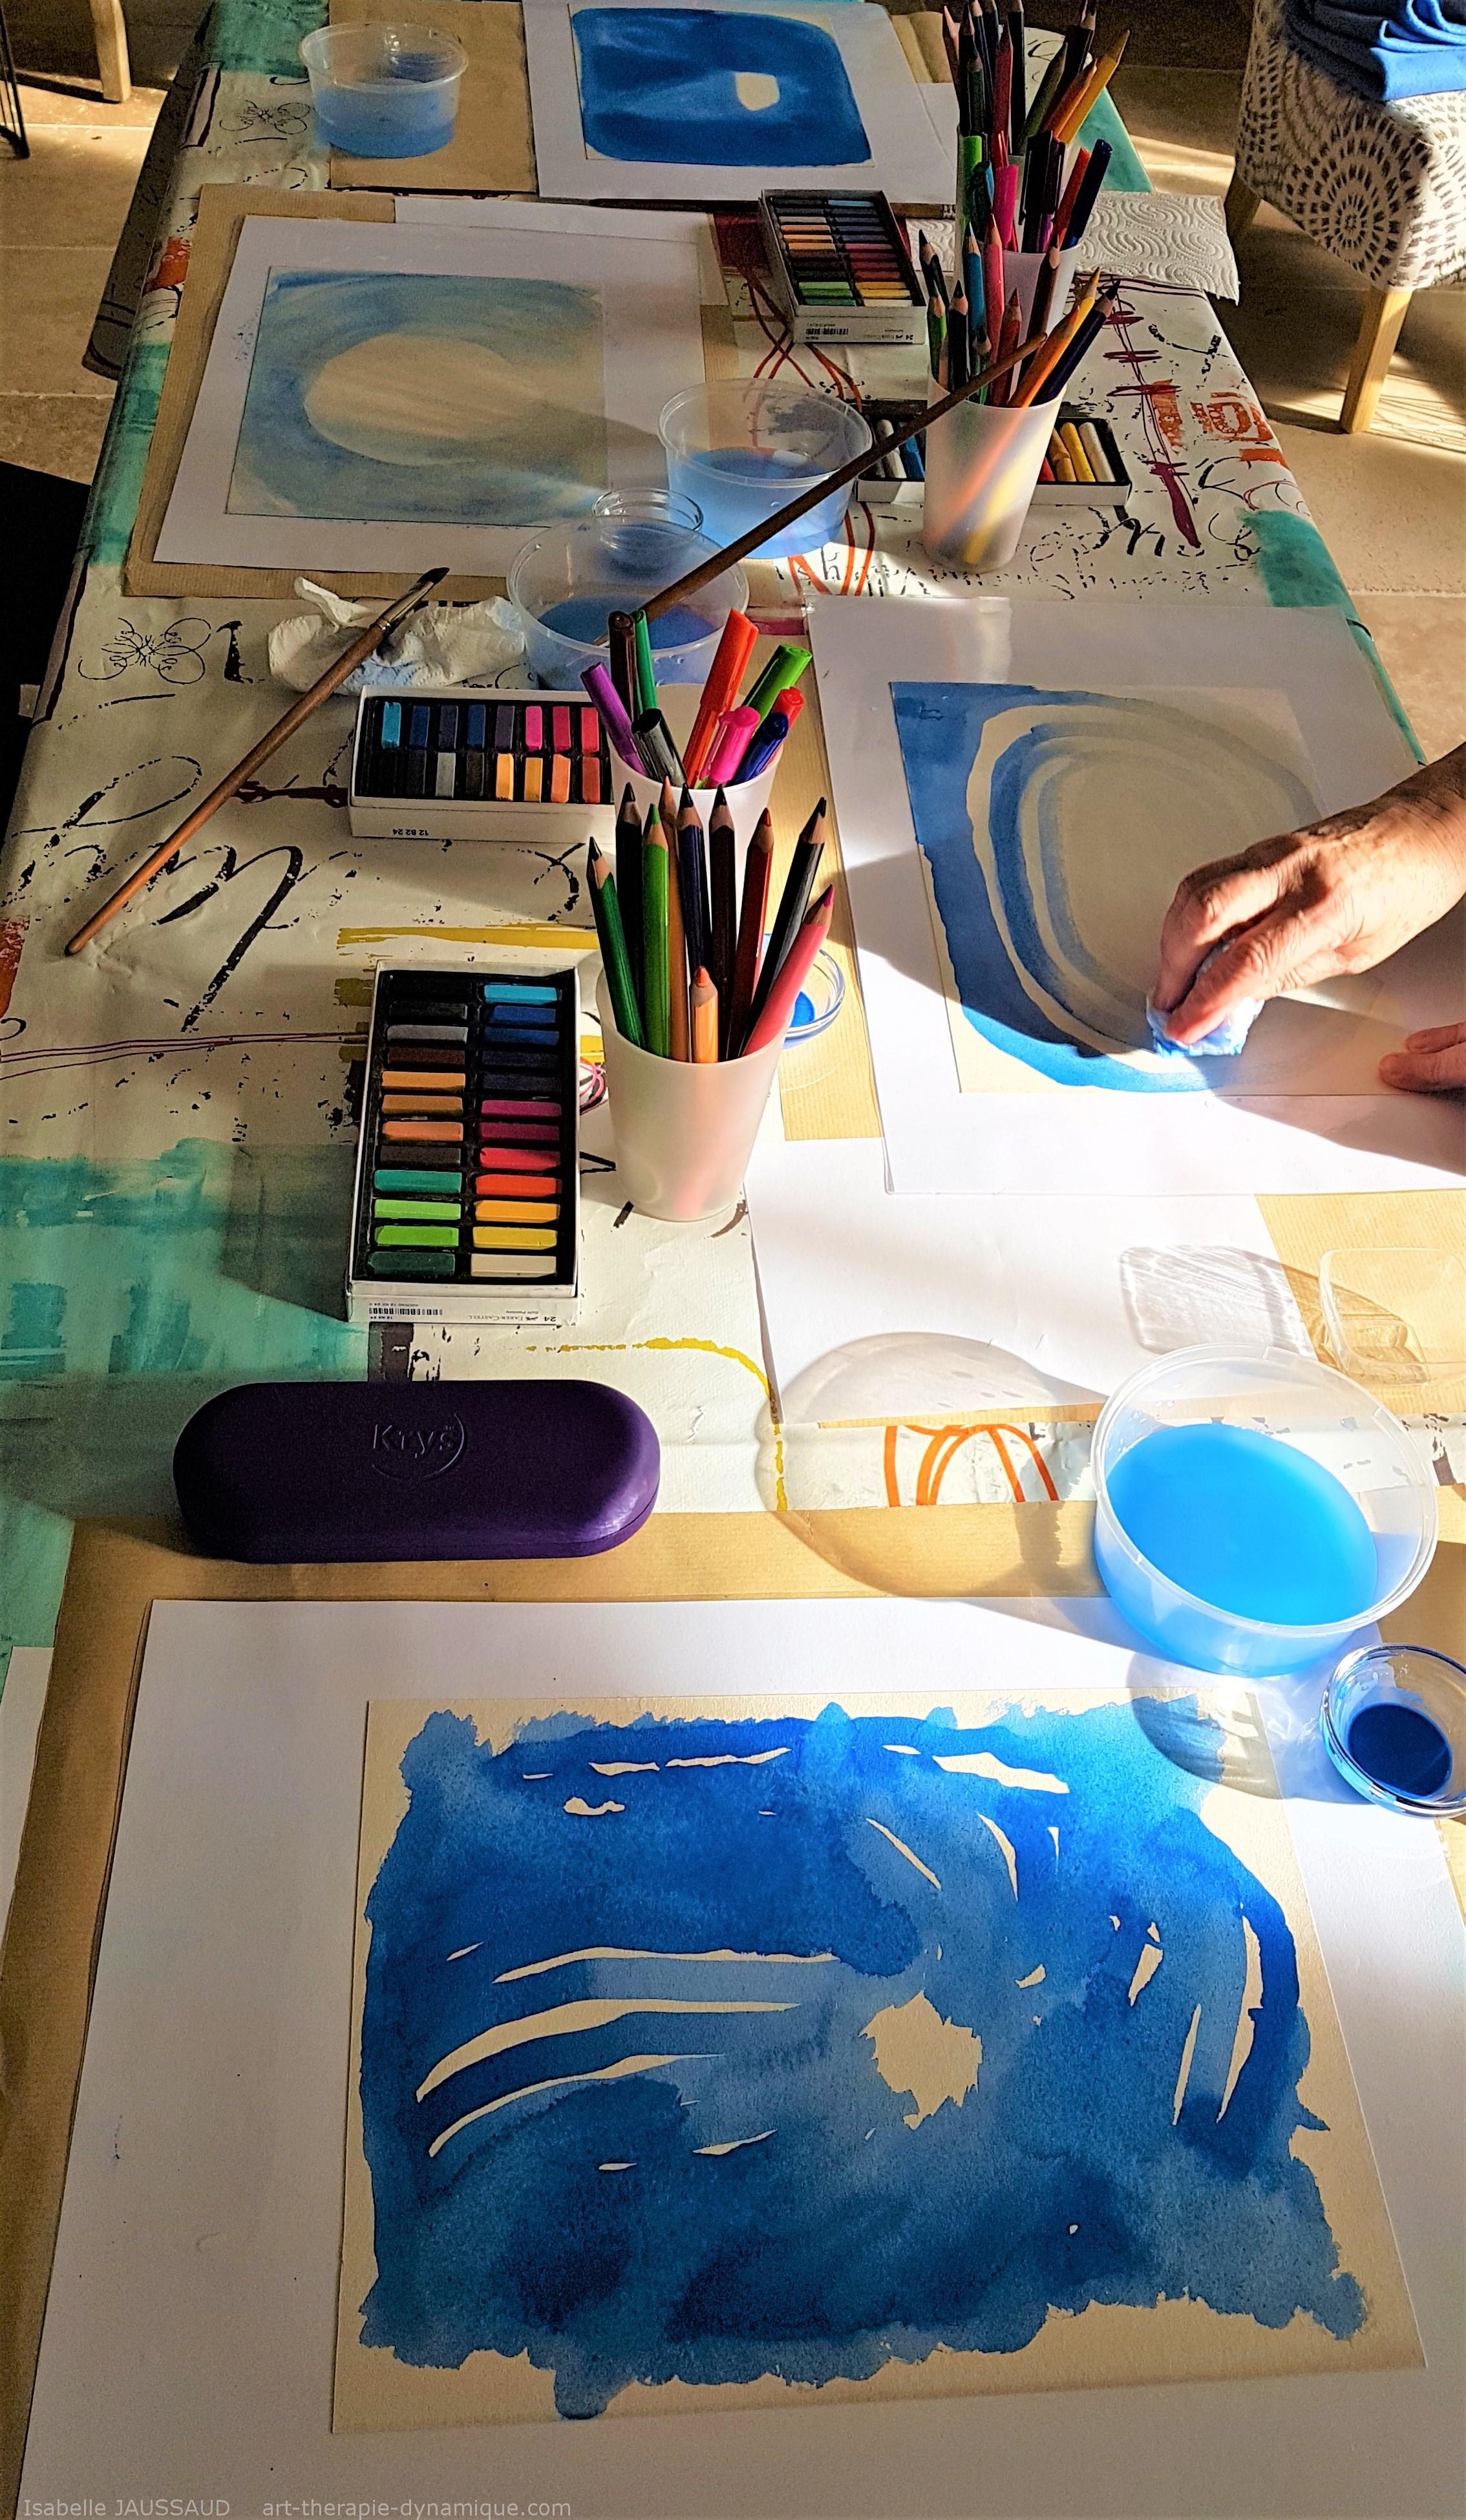 Art-thérapie et week-end ''detox''